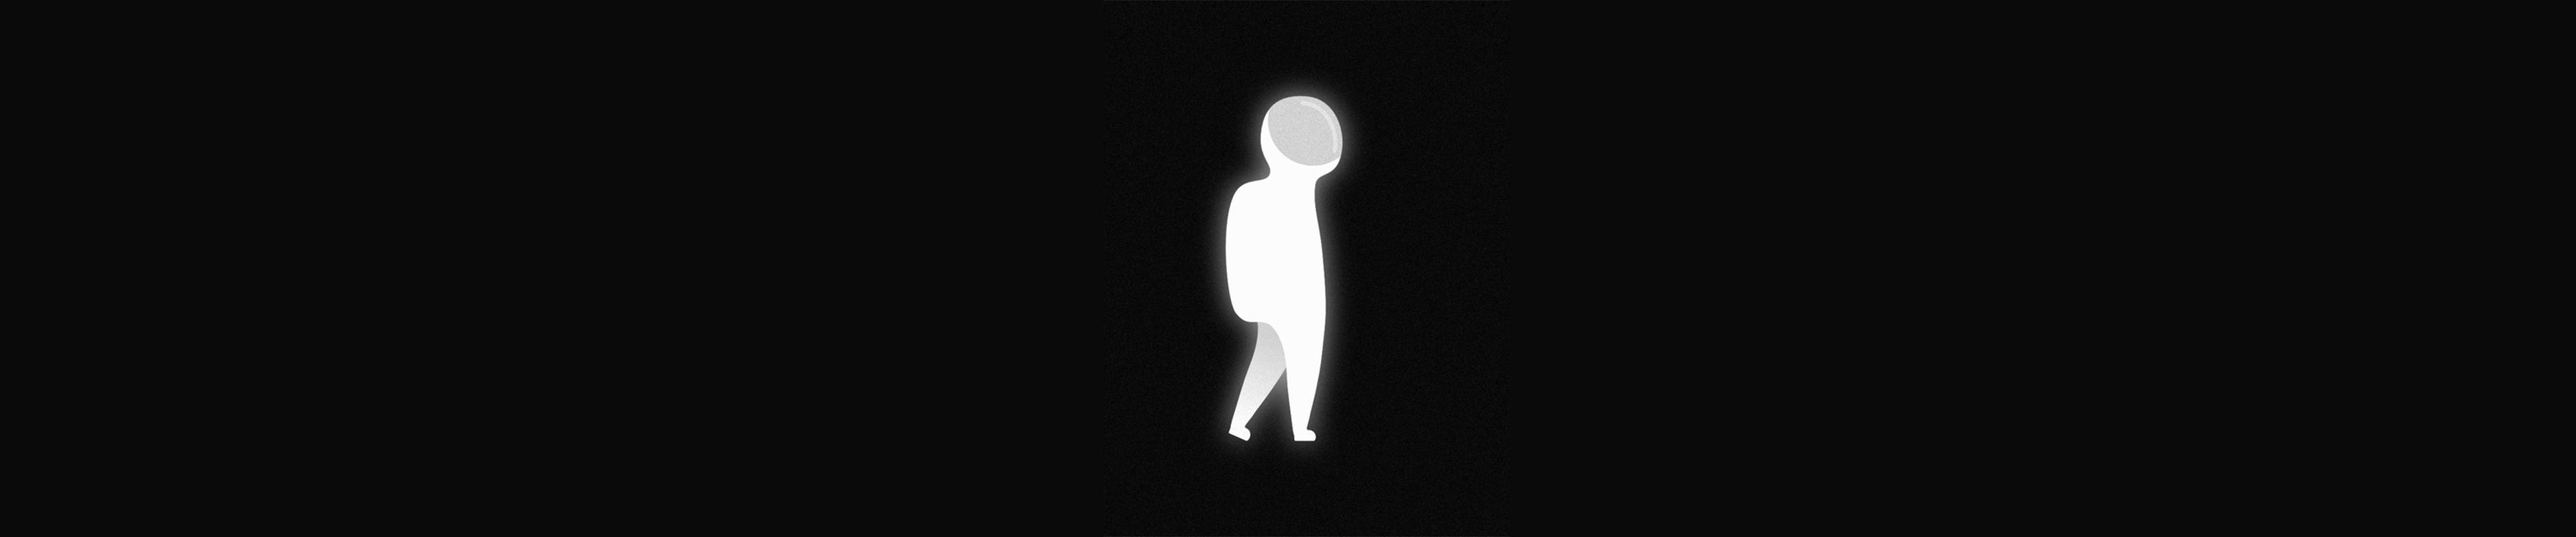 [已购]Starman-草蜢资源